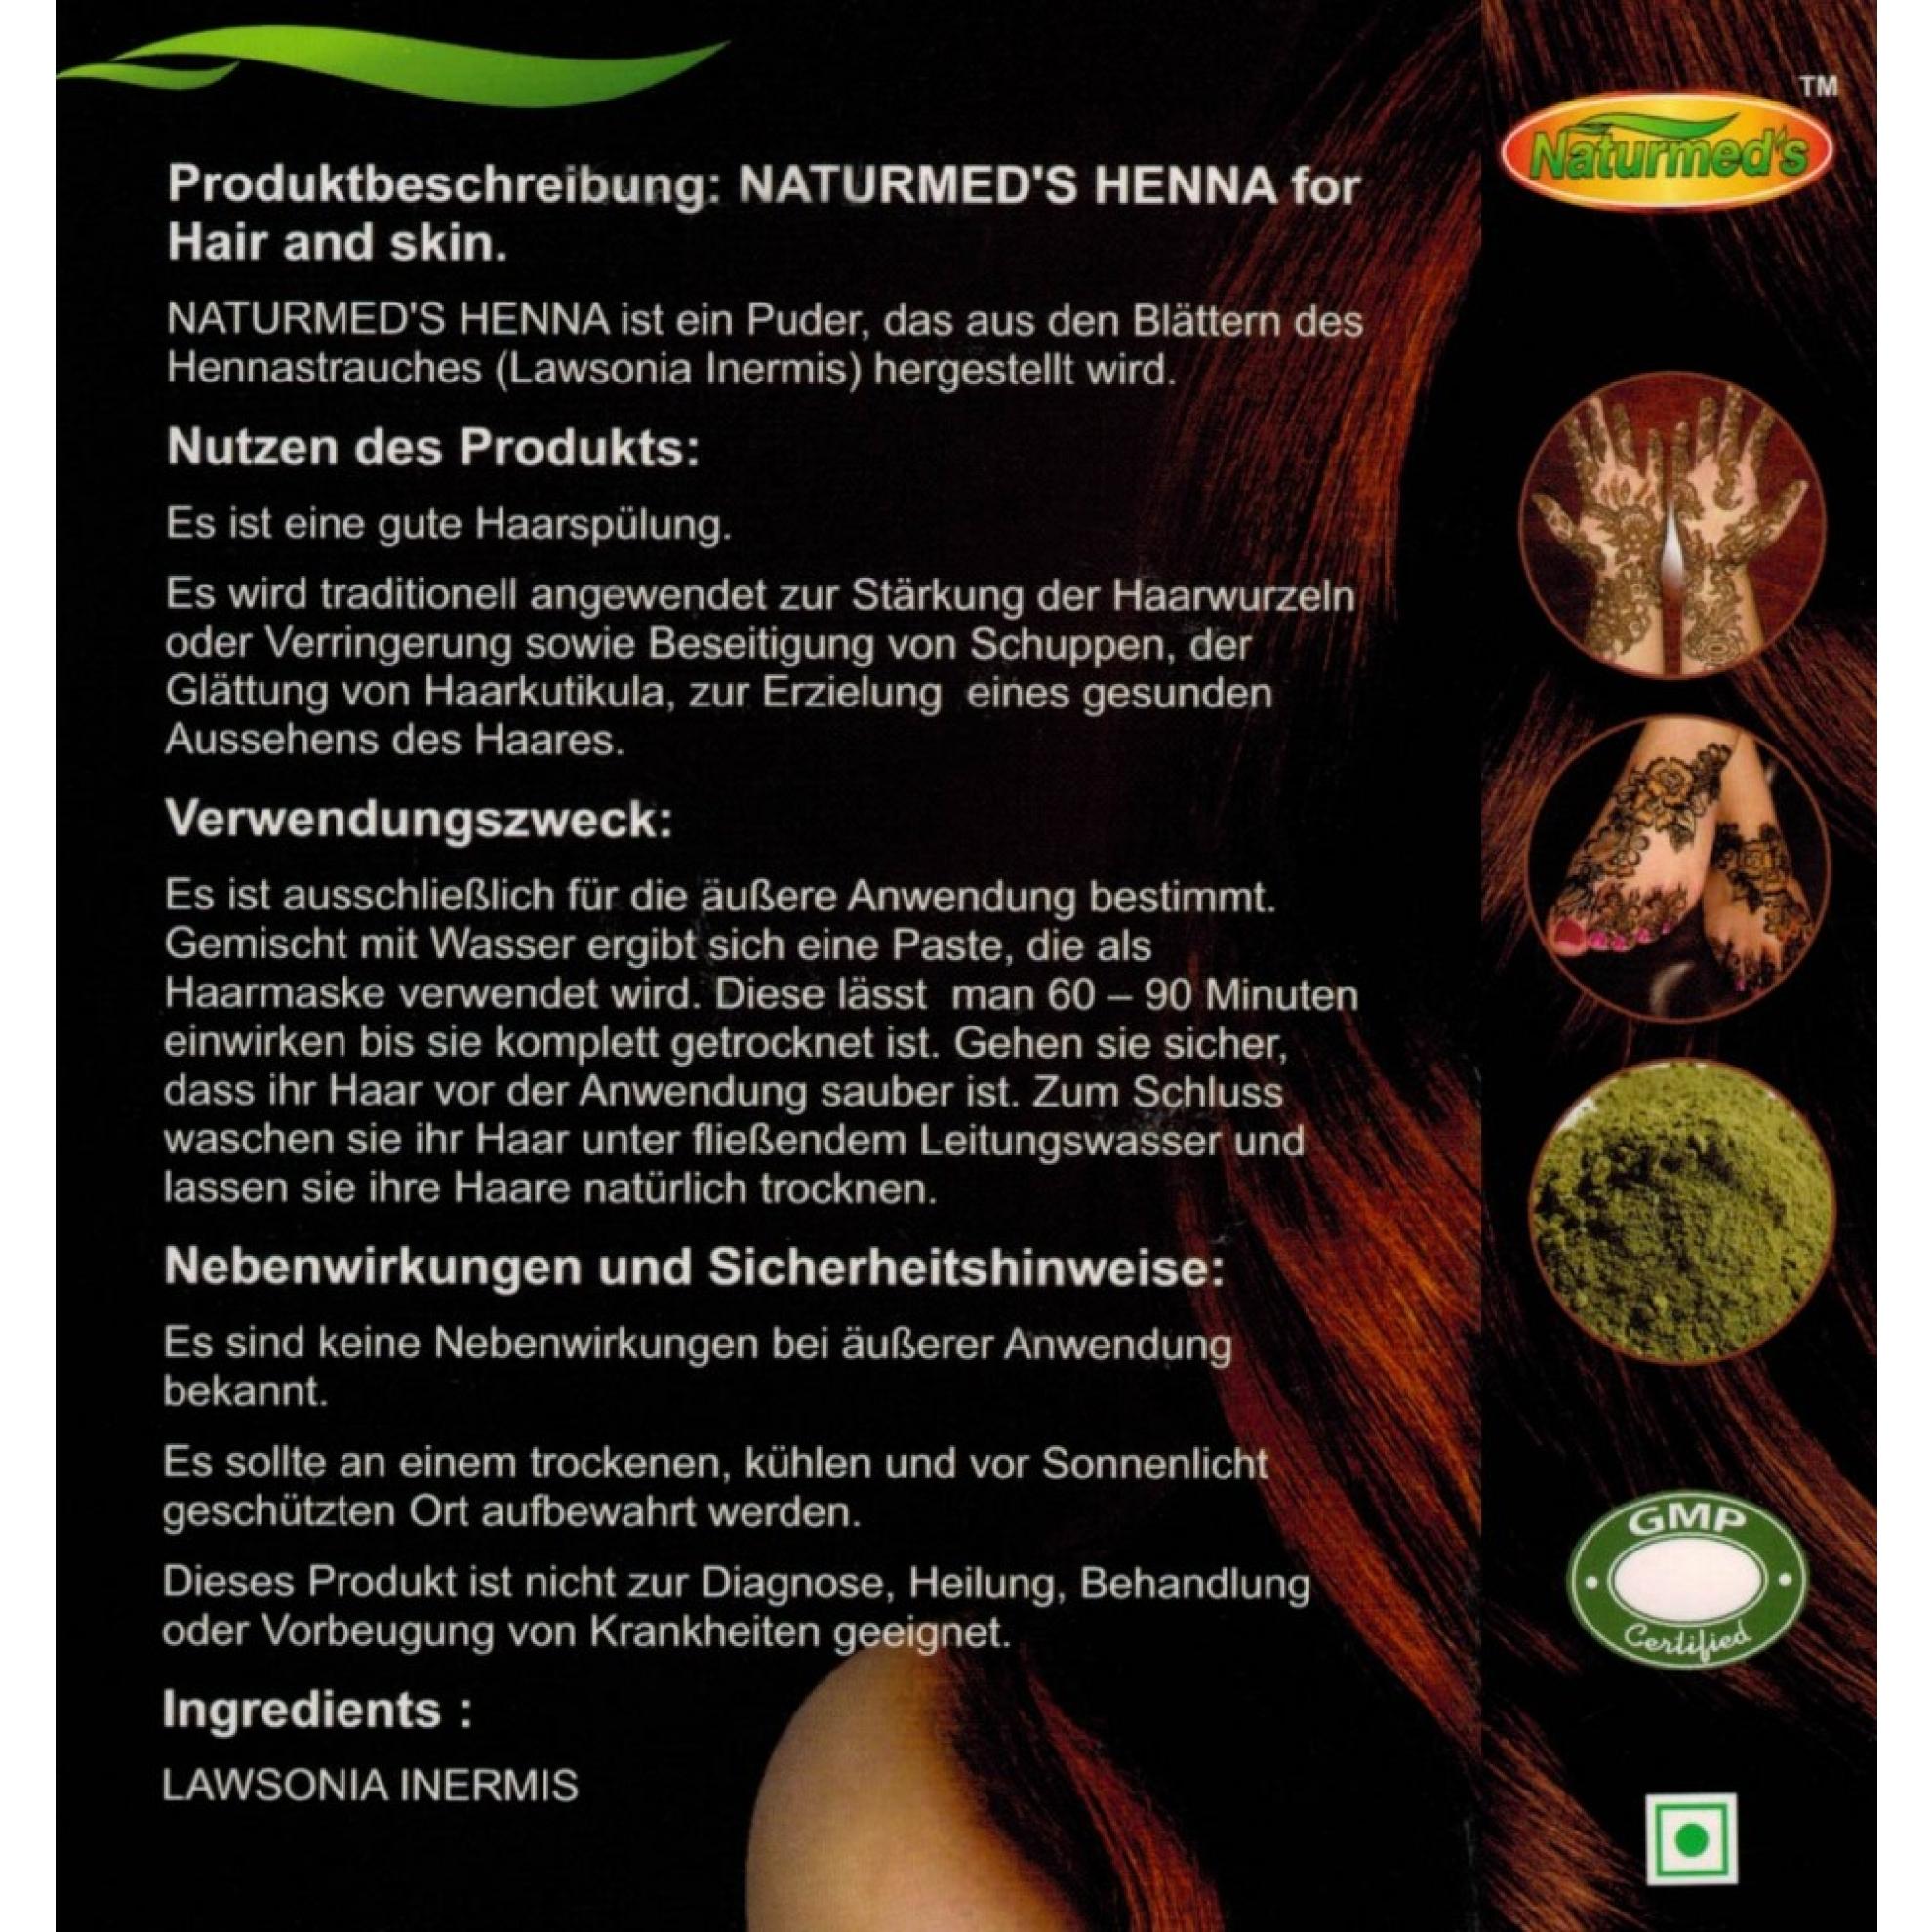 Henna haare schadlich